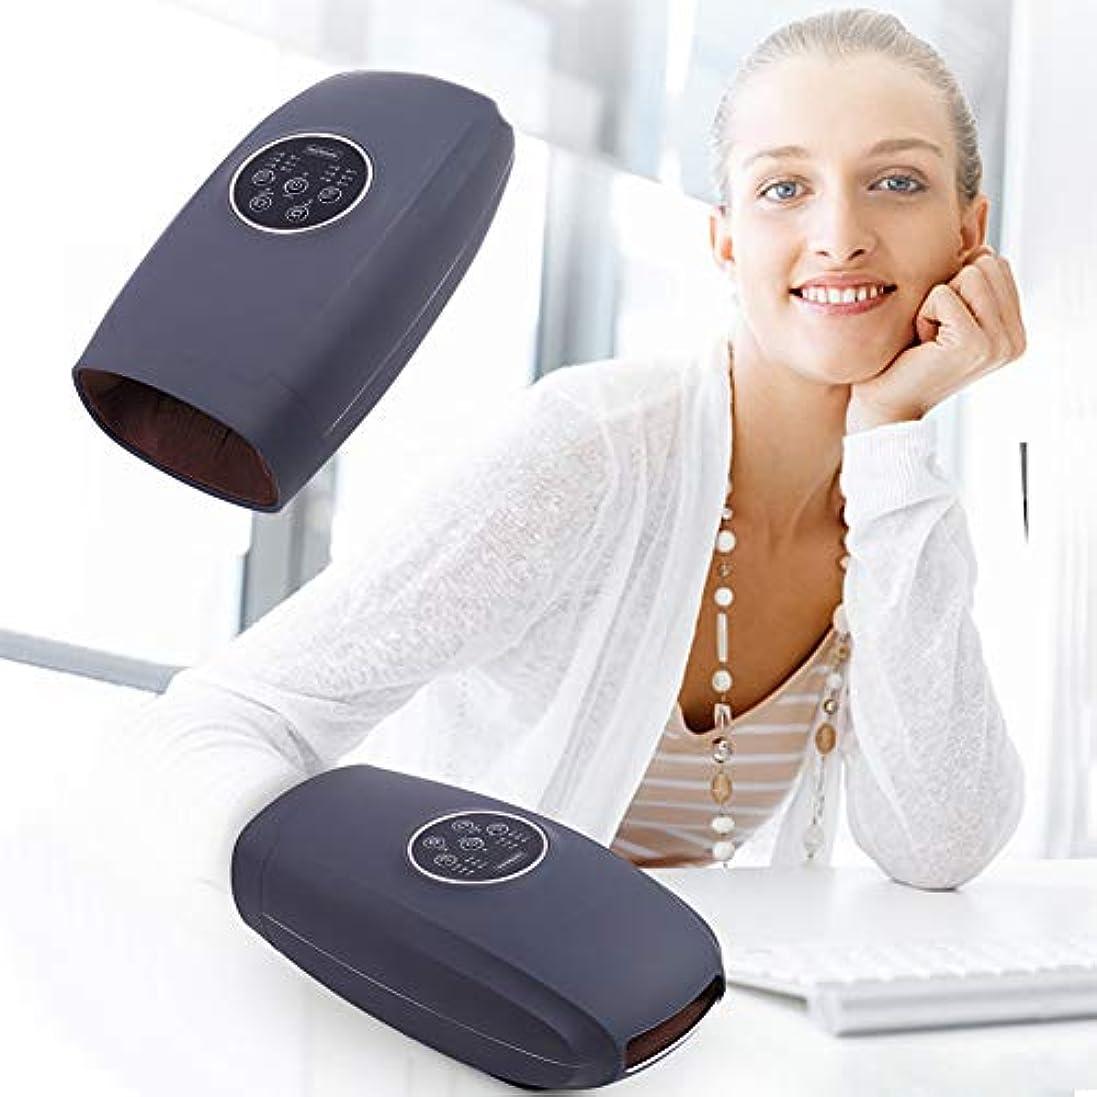 スキニー雷雨木製電気加熱手指圧マッサージ器充電式理学療法マッサージ指美容手健康スパ圧力療法